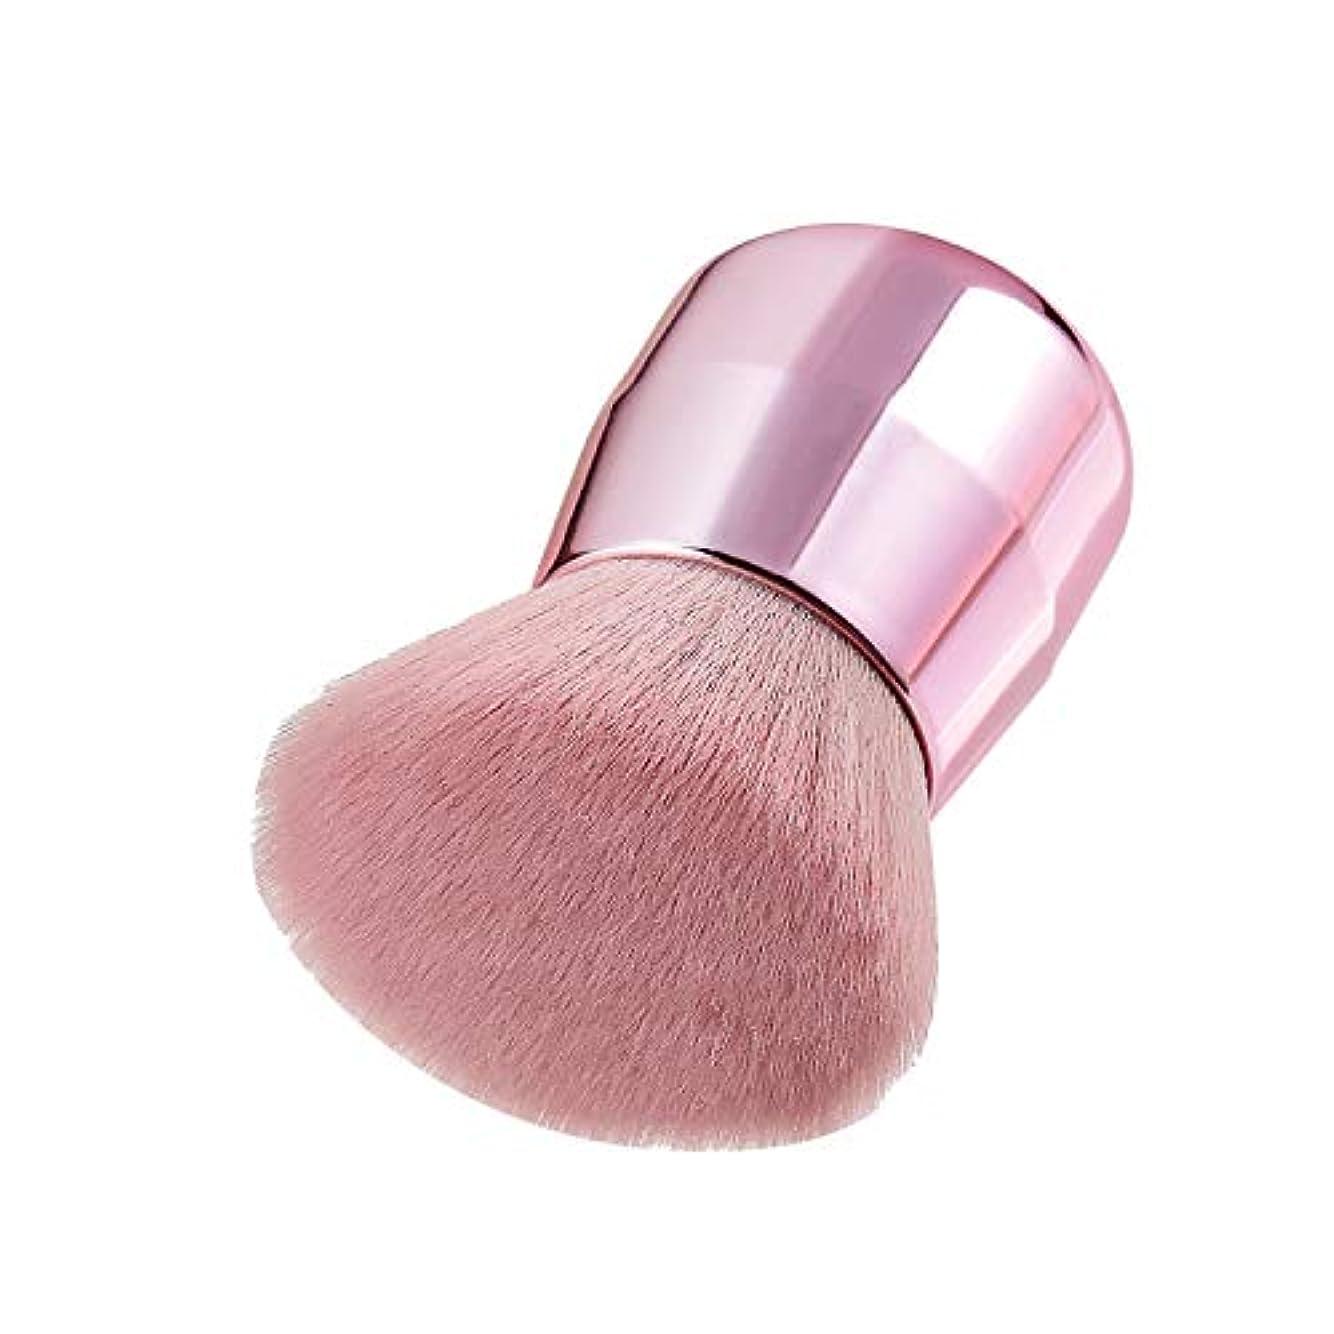 パラメータ鏡技術者Makeup brushes ピンクのティルティングパウダーブラシポータブル著名な化粧ブラシハニーパウダーブラシブラッシュブラシ suits (Color : Rose Gold)